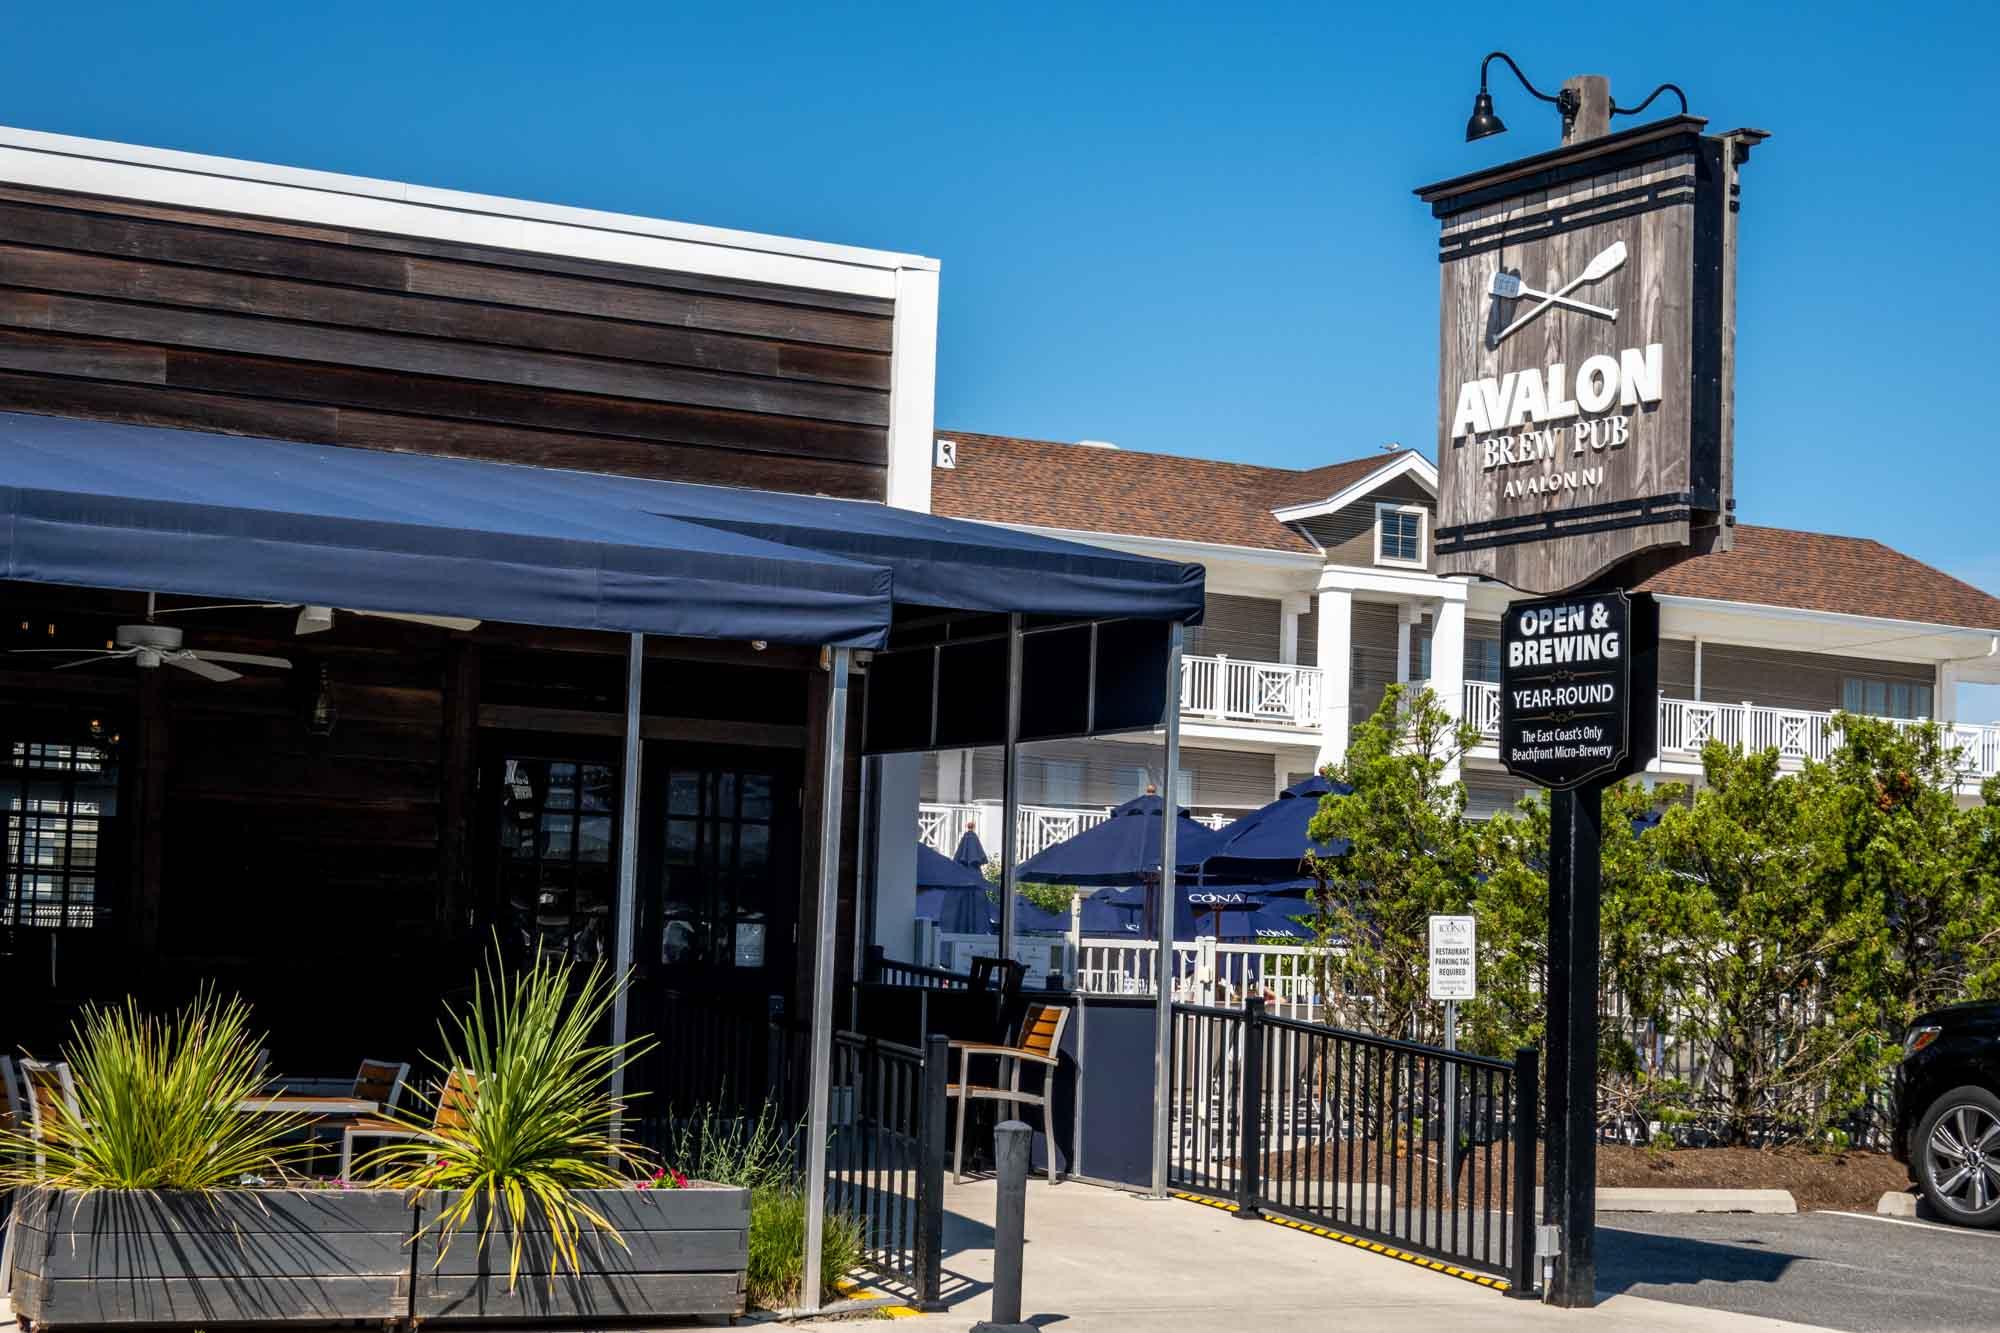 Exterior of Avalon Brew Pub